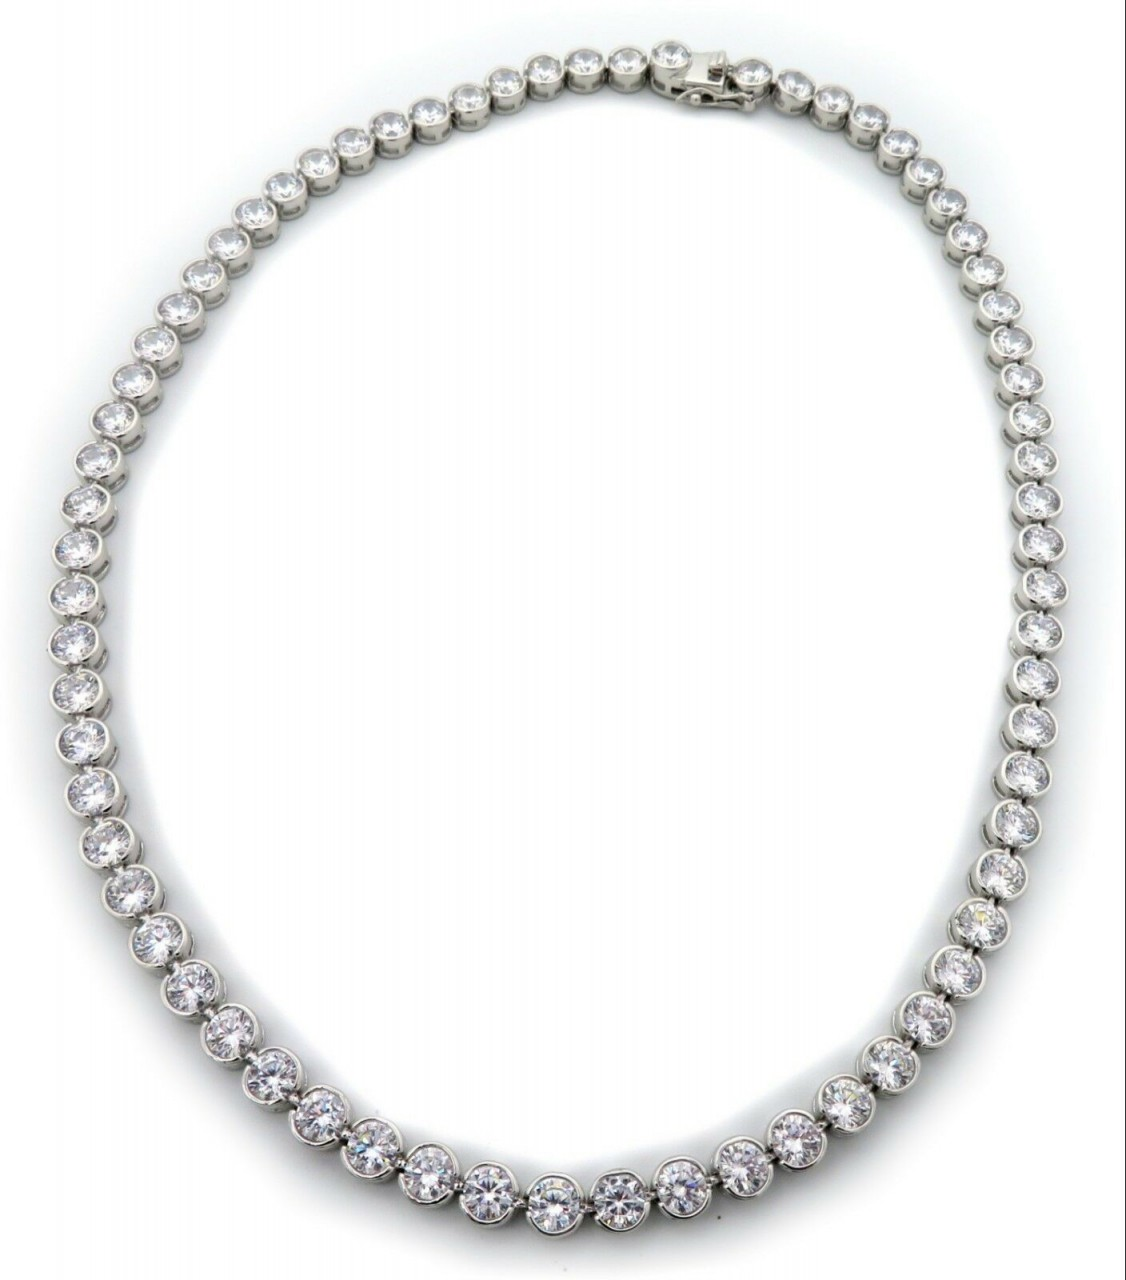 Damen Collier Tennis Silber 925 Sterlingsilber Halskette Zargenfassung Neu Kette